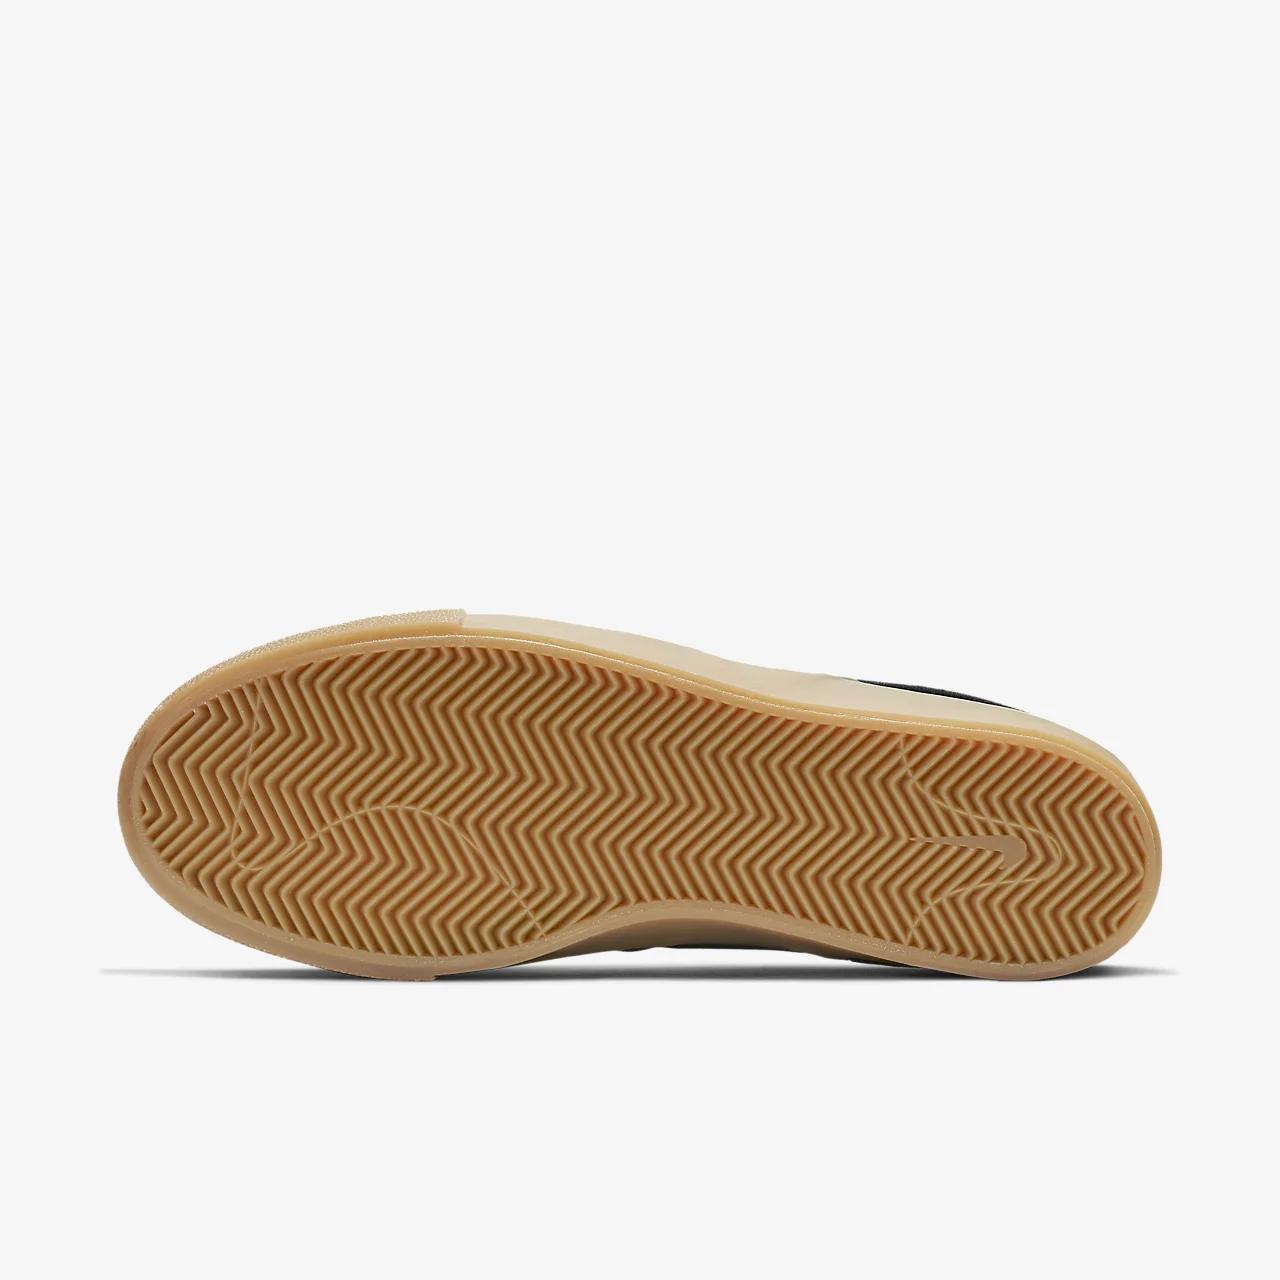 유럽직배송 나이키 NIKE Nike SB Zoom Stefan Janoski Slip RM Skate Shoe AT8899-001